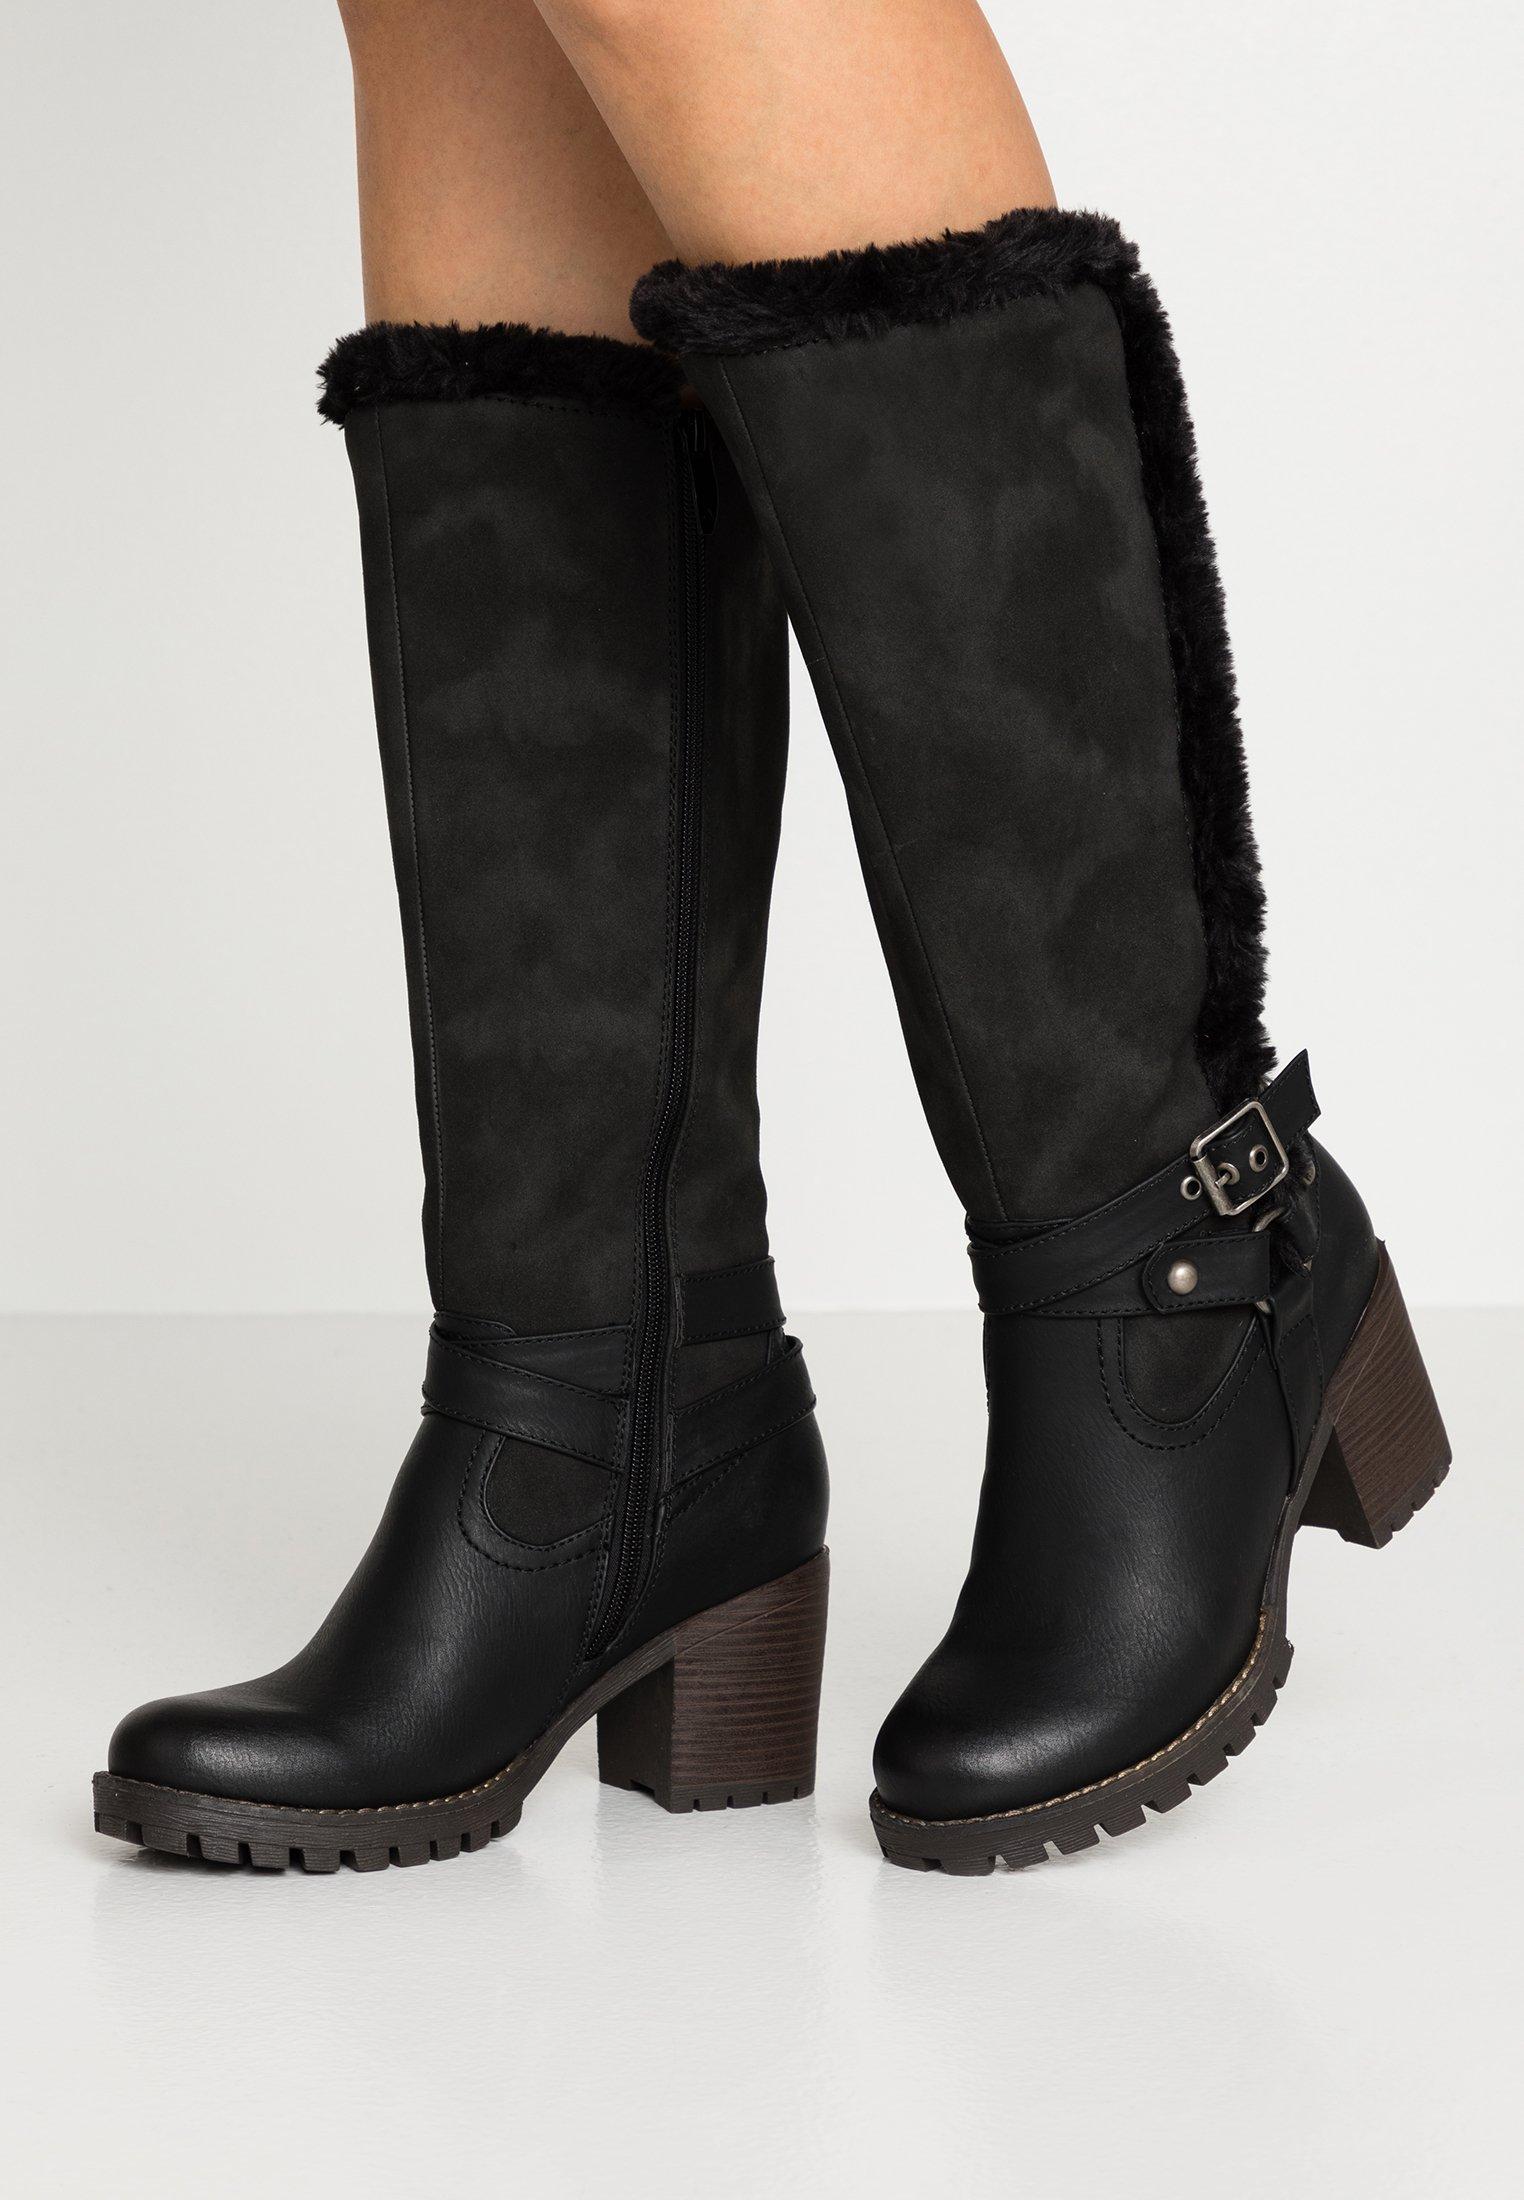 Stivali classici da donna nero | La nuova collezione su Zalando